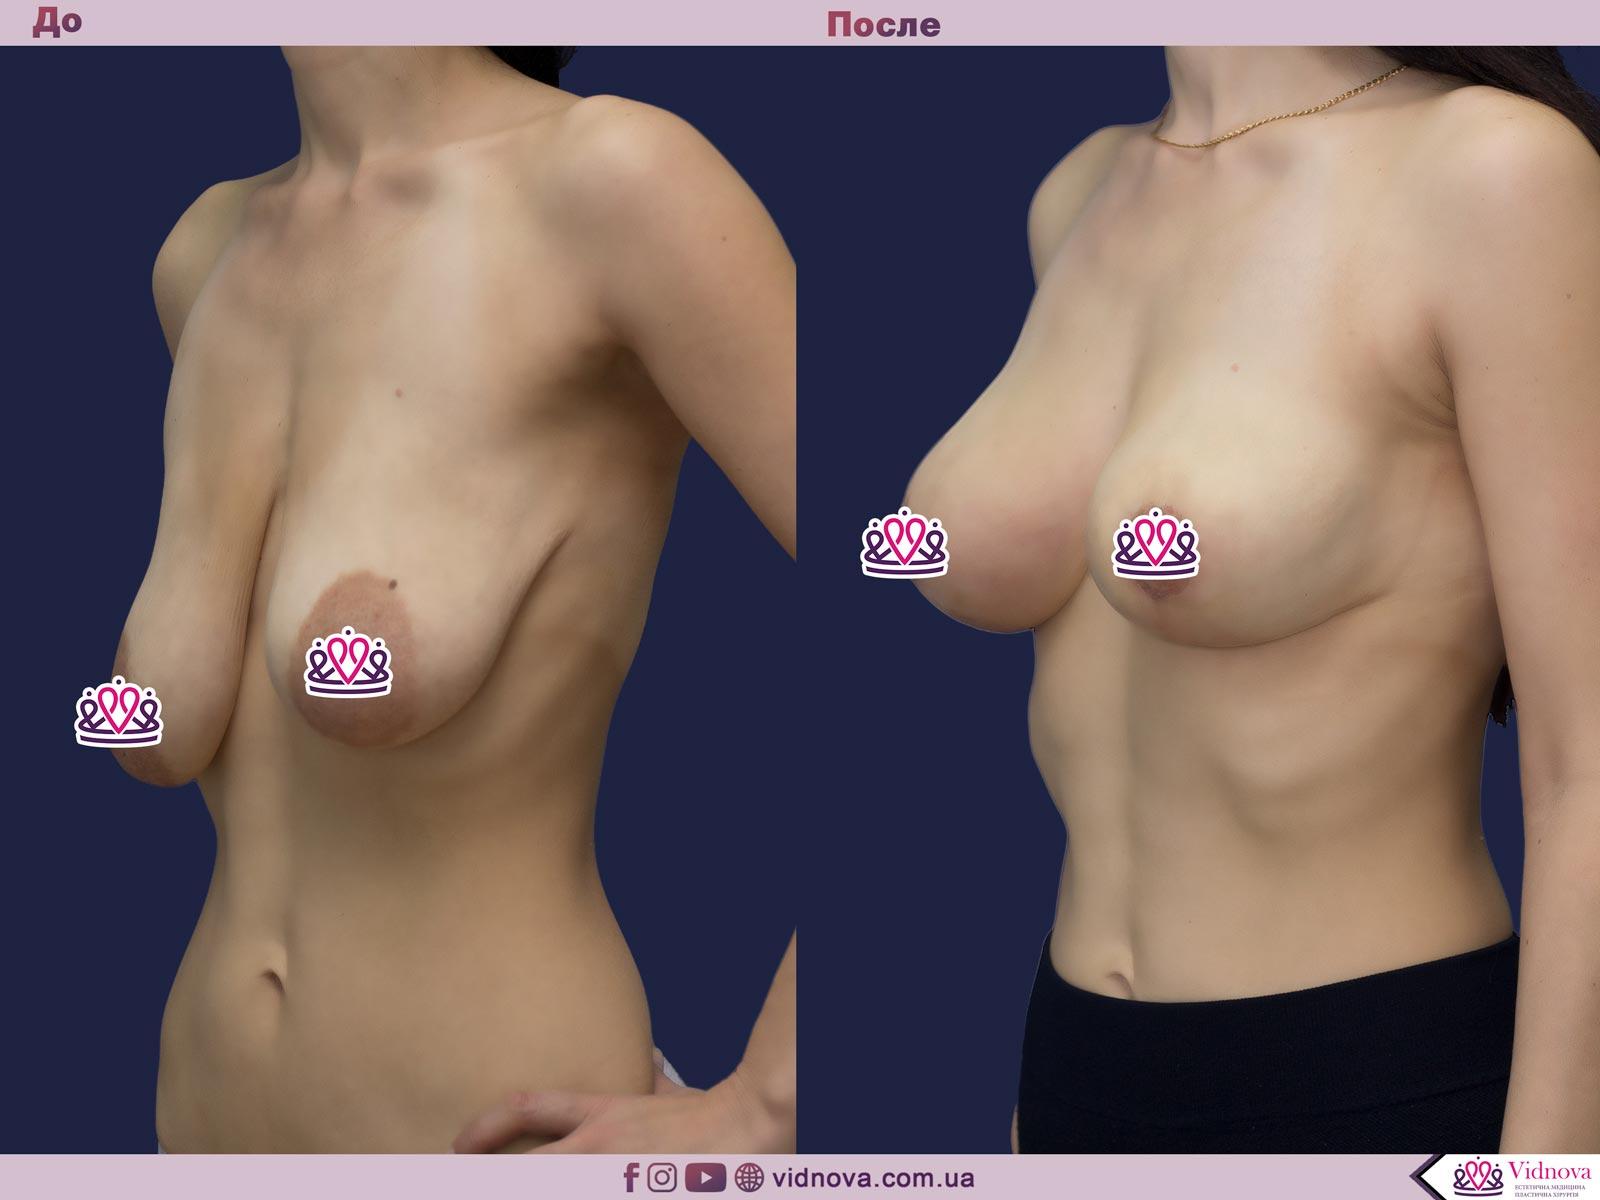 Пластика груди: результаты до и после - Пример №15-1 - Светлана Работенко